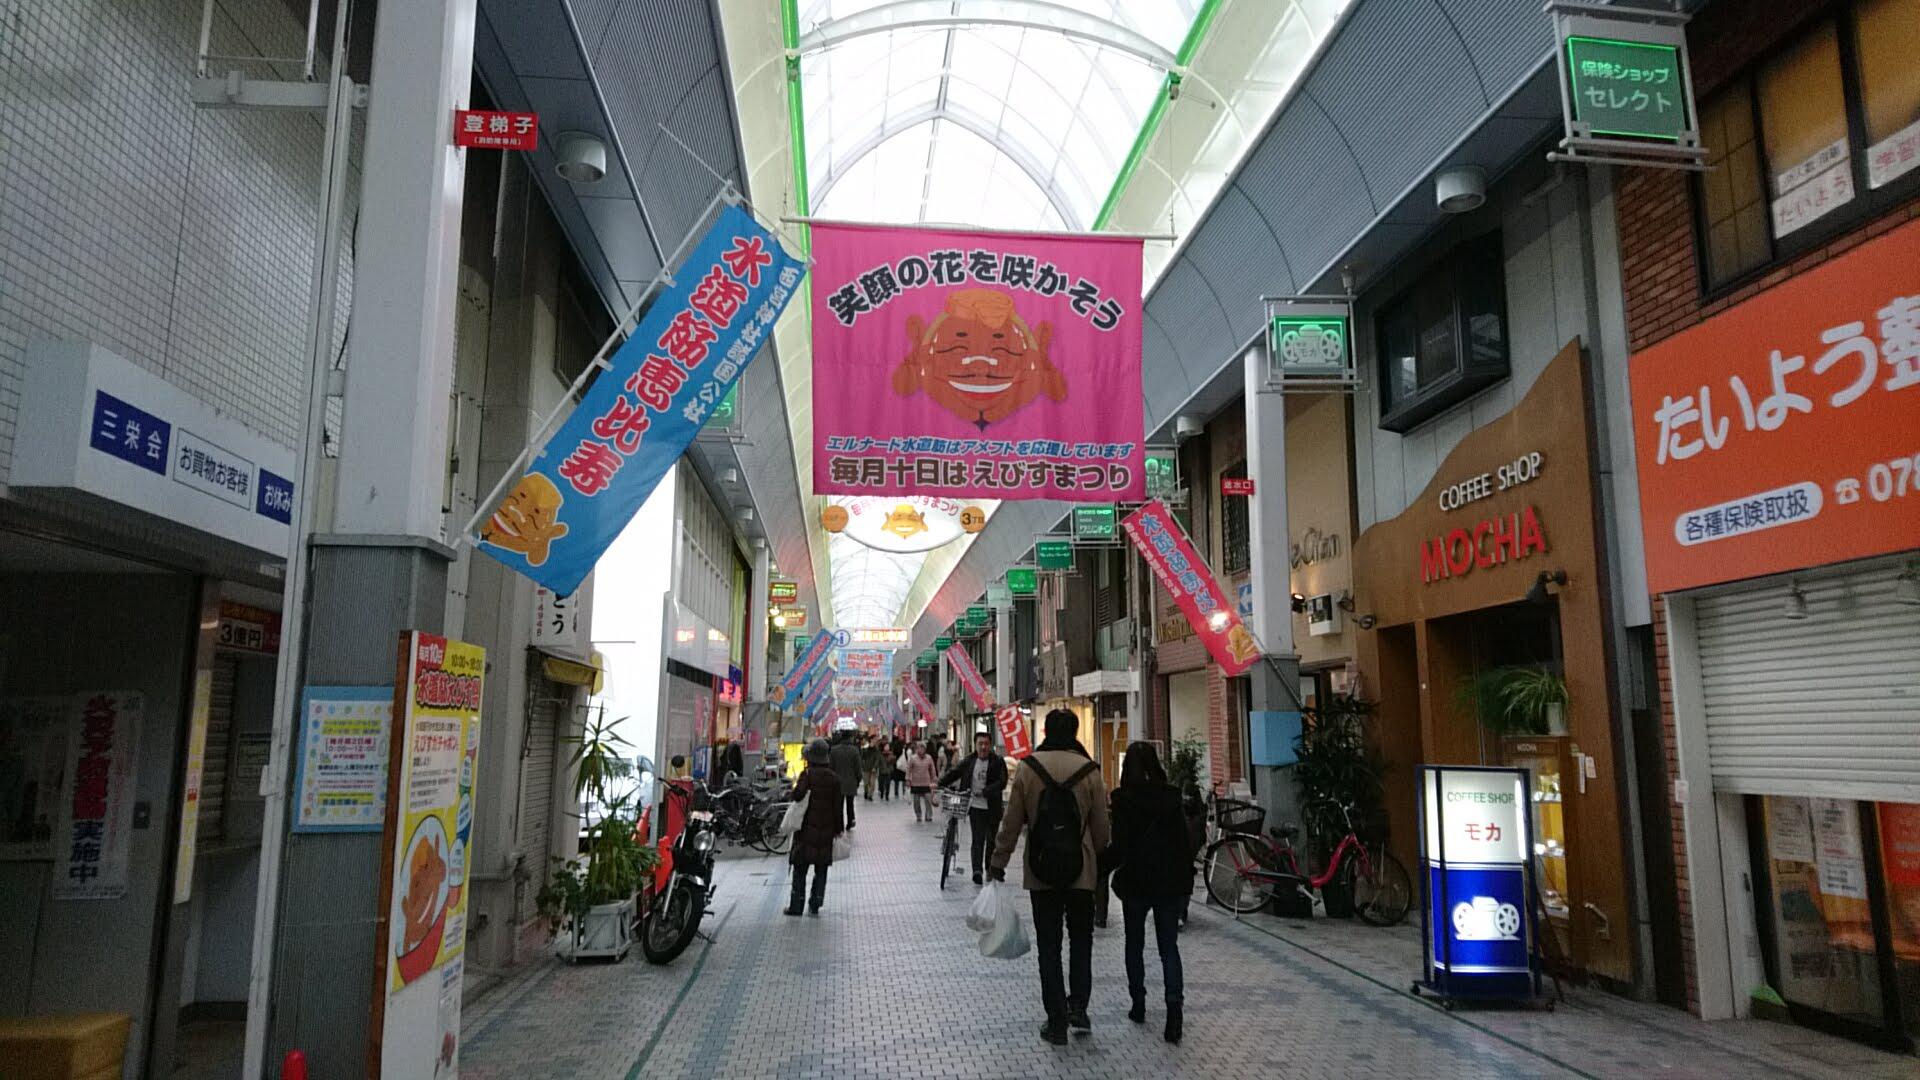 神戸の下町「水道筋商店街」を食べ歩いてみた。おすすめのグルメスポットを紹介。